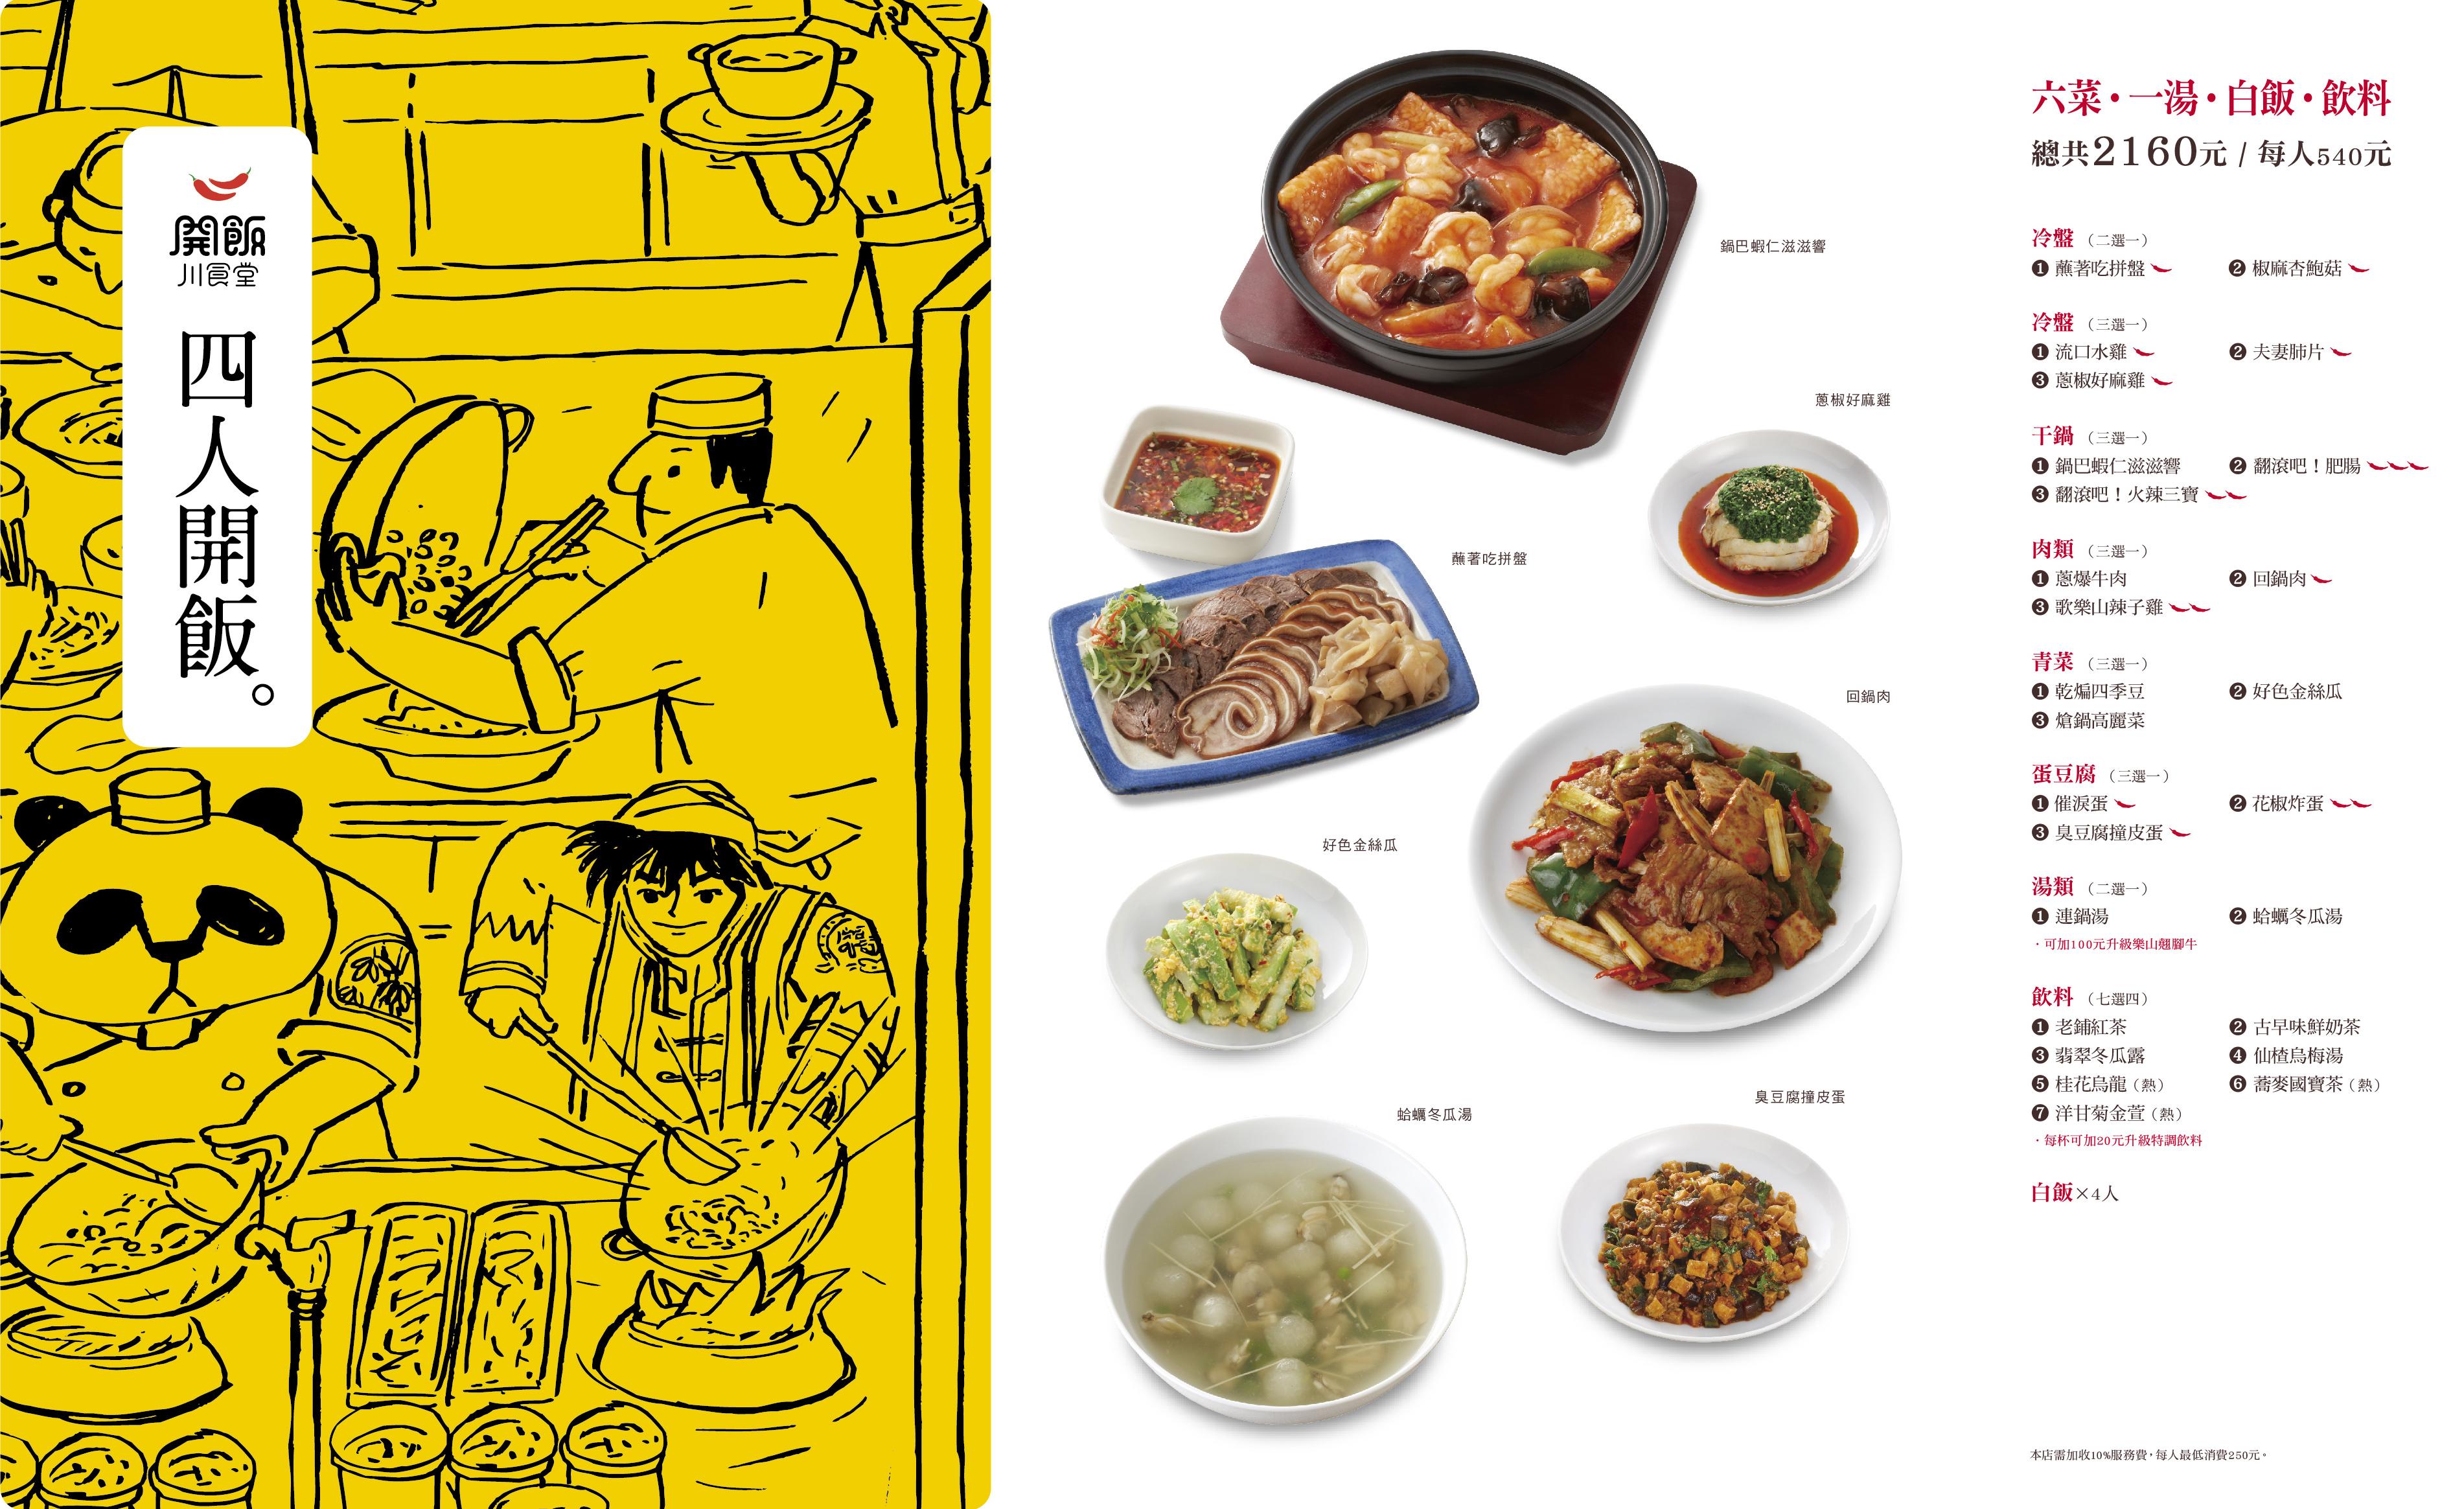 開飯川食堂 菜單 台中 套餐05